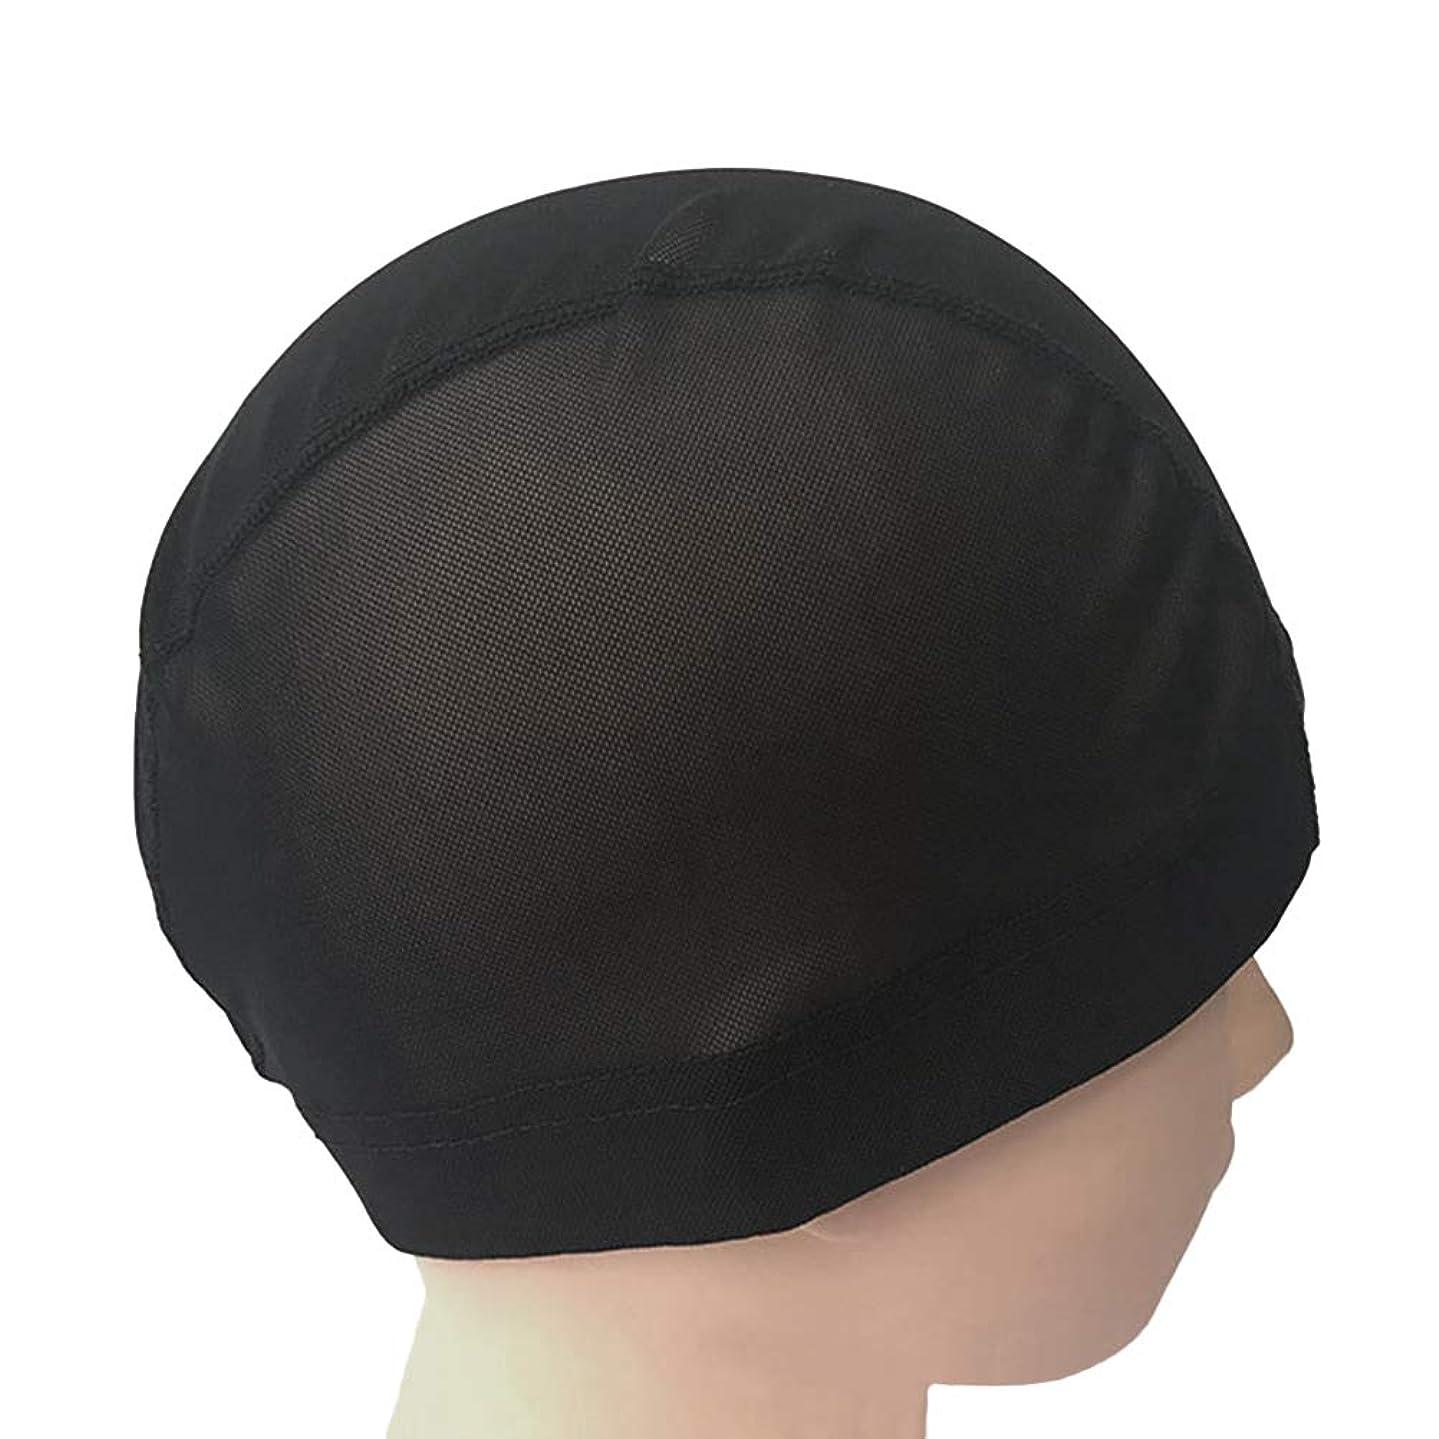 行く年齢伝統的Healifty 2PCS弾性ユニセックスウィッグキャップ女性の女の子のための調節可能なストレッチウィッグキャップ(ブラック)